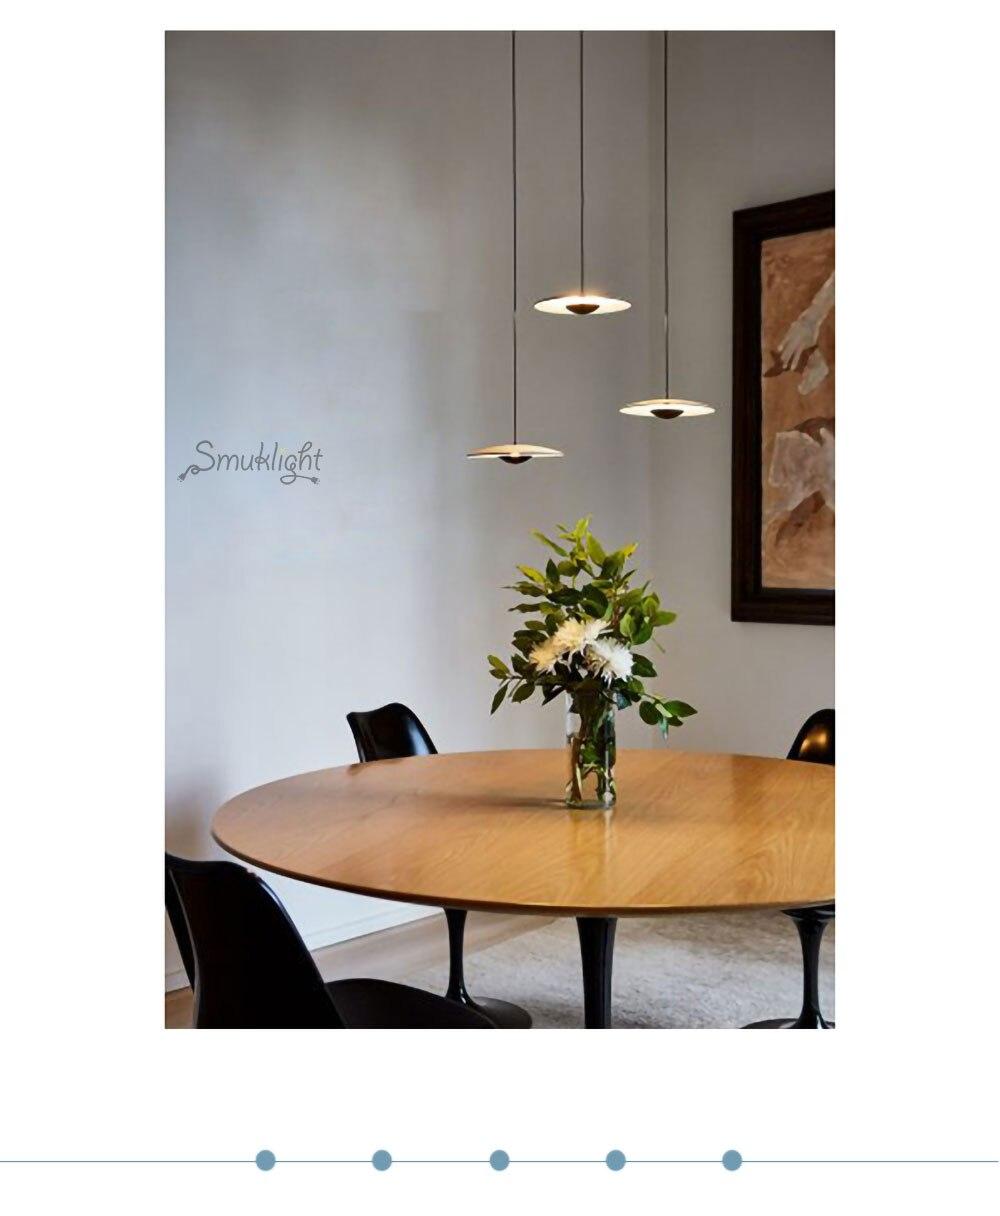 美式简约北欧现代艺术风格意大利设计师客厅餐厅床头吧台卧室吊灯_12